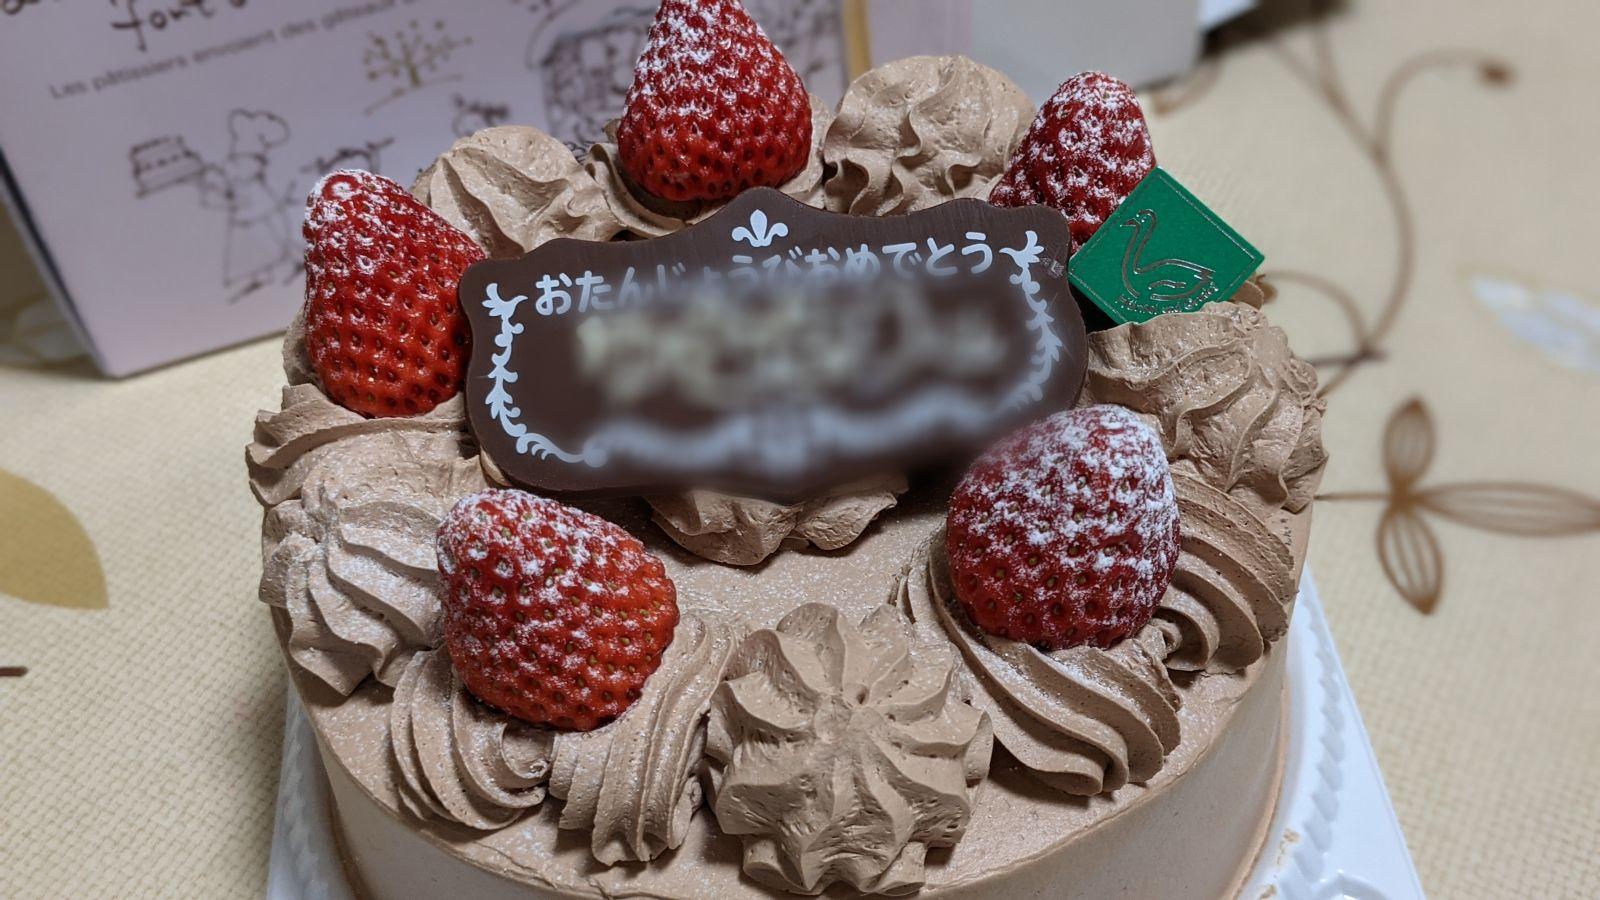 へんぜるとぐれーてる正木店のケーキ